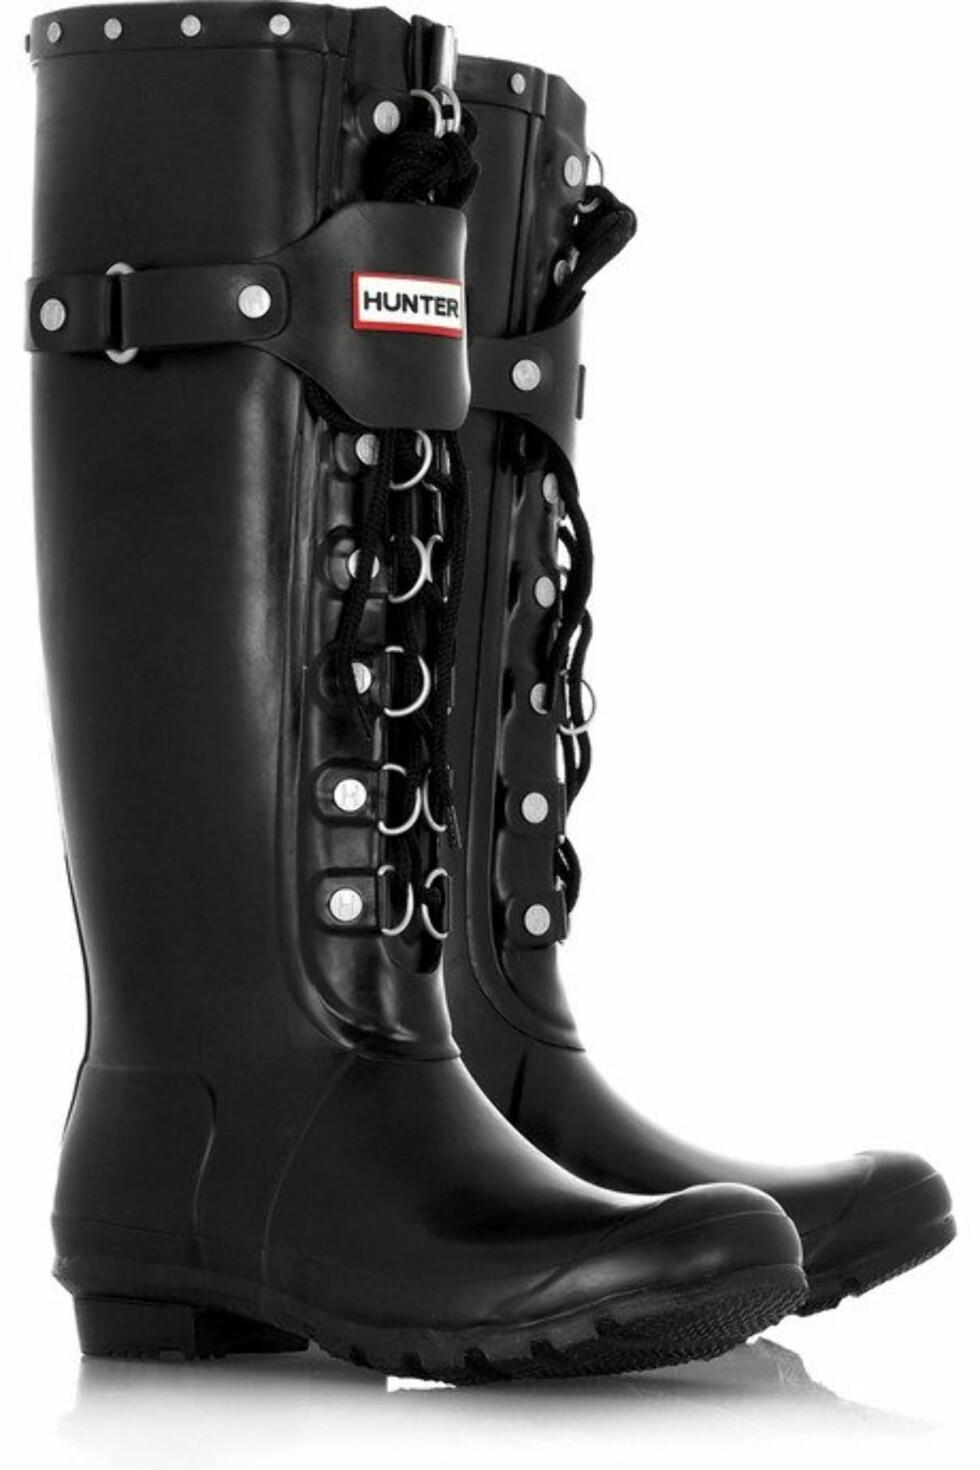 <strong>RÅERE MODELL:</strong> Splitter ny oppfølger til de klassiske Hunter-støvlene - nå med snøring og skjold (kr 1600/Netaporter.com).